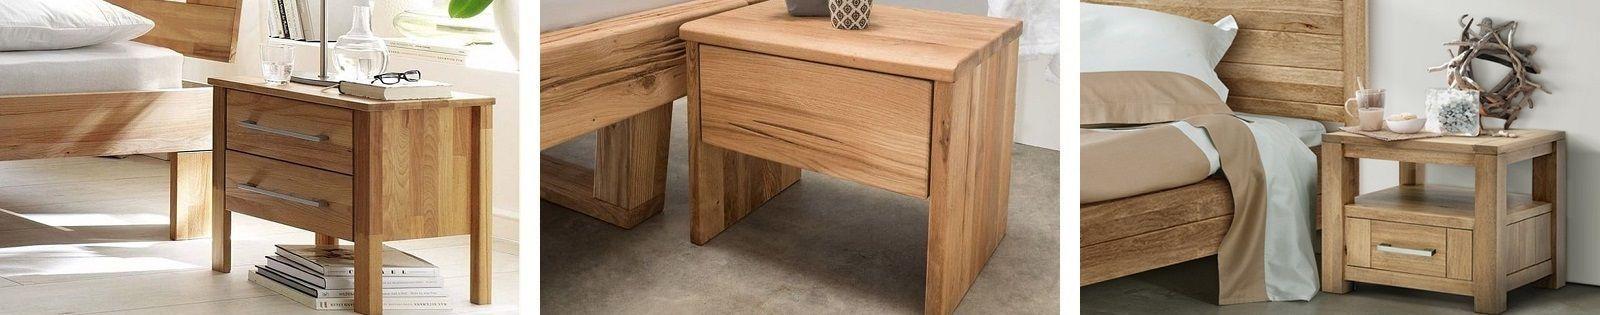 Chevet bois massif : hévéa, teck et exotique de qualité en bambou, fer forgé, rotin. Lotuséa